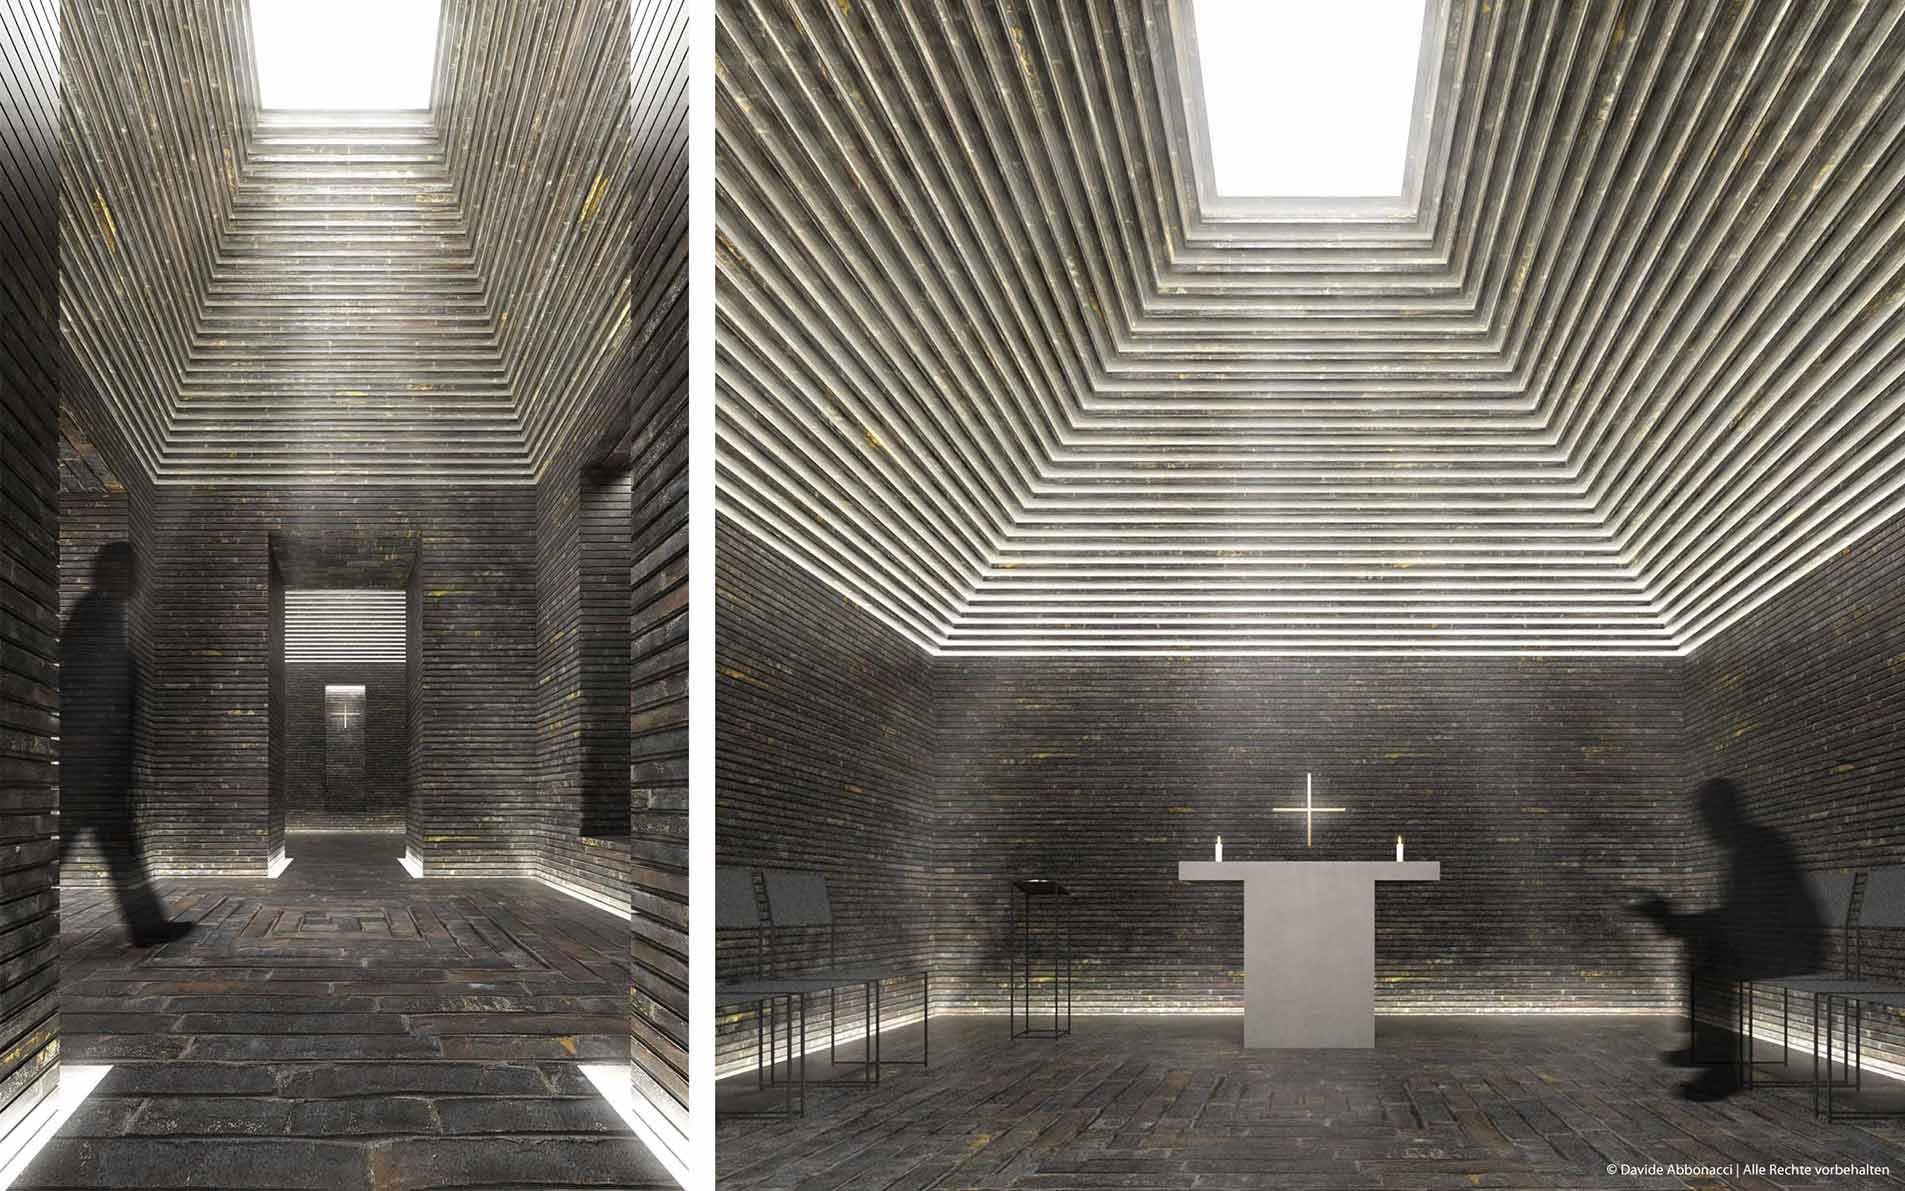 Raum der Stille - Flughafen Berlin Brandenburg Willy Brandt (BER) | gmp Architekten von Gerkan, Marg und Partner | 2011 Wettbewerbsvisualisierung | 1. Preis